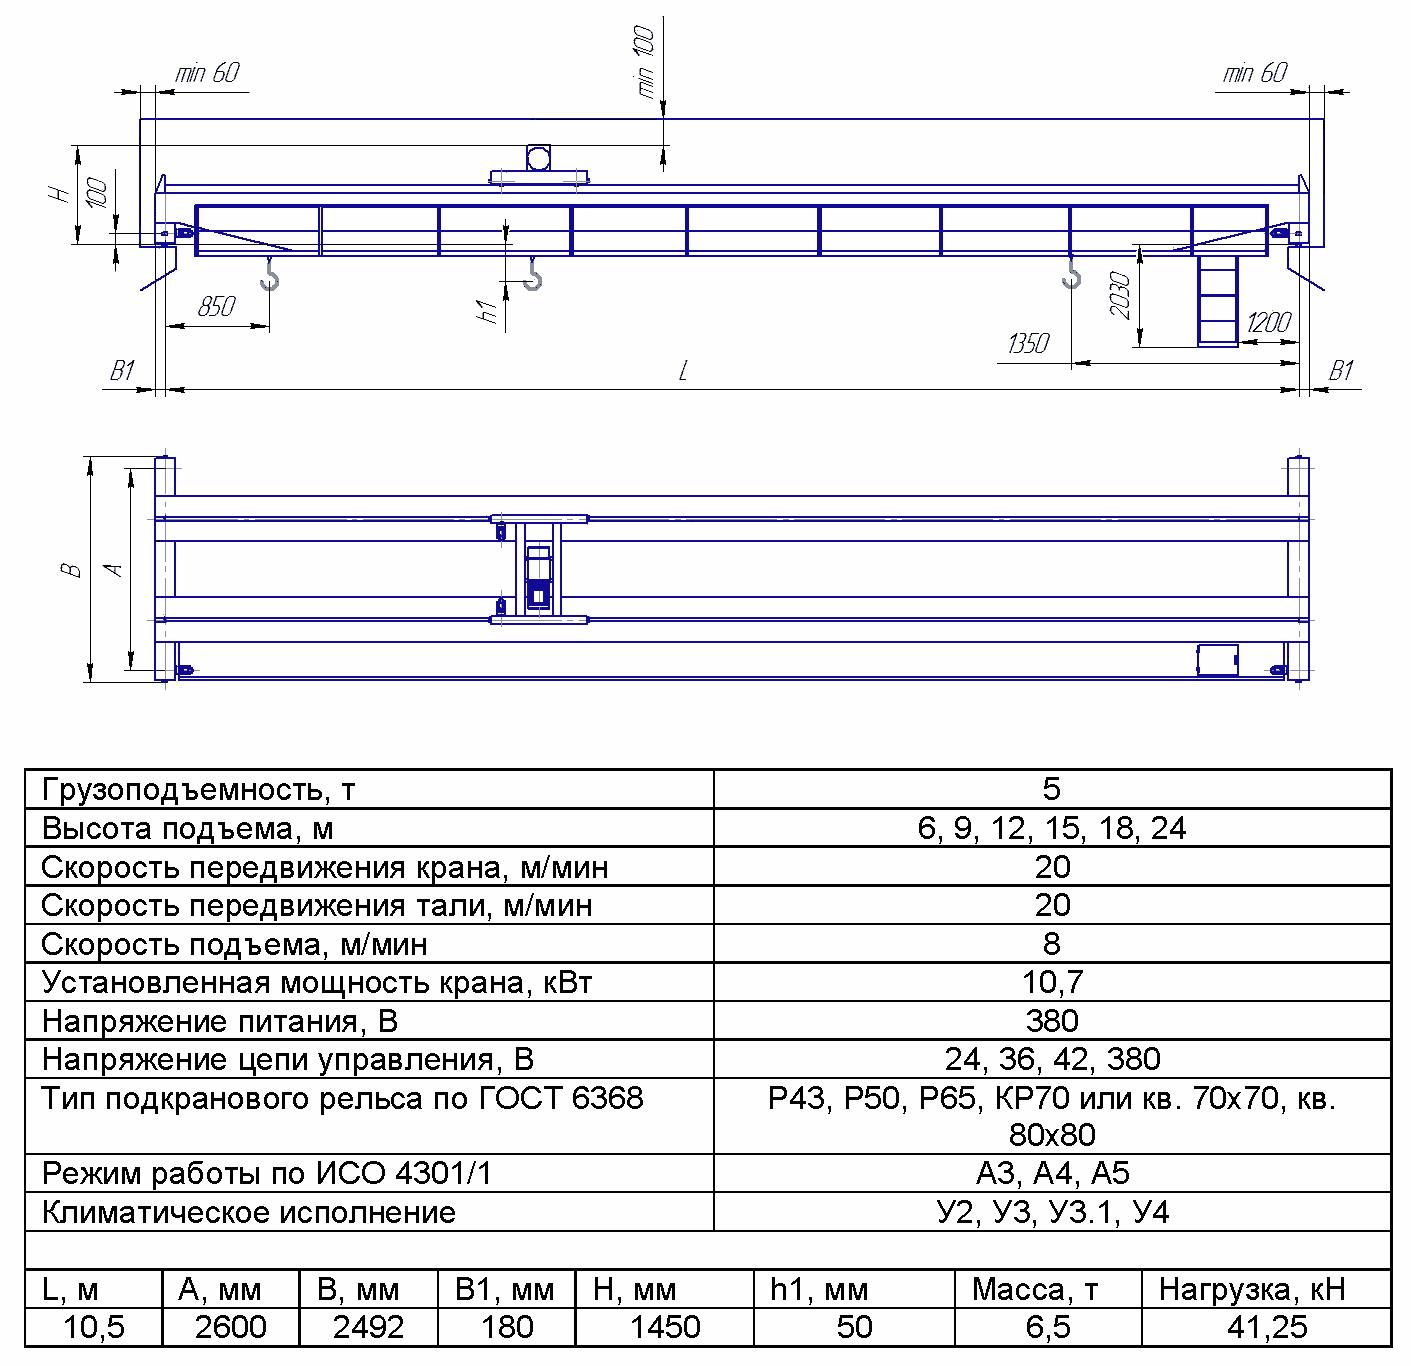 KMON 1 1 1 - Опорный мостовой кран общего назначения